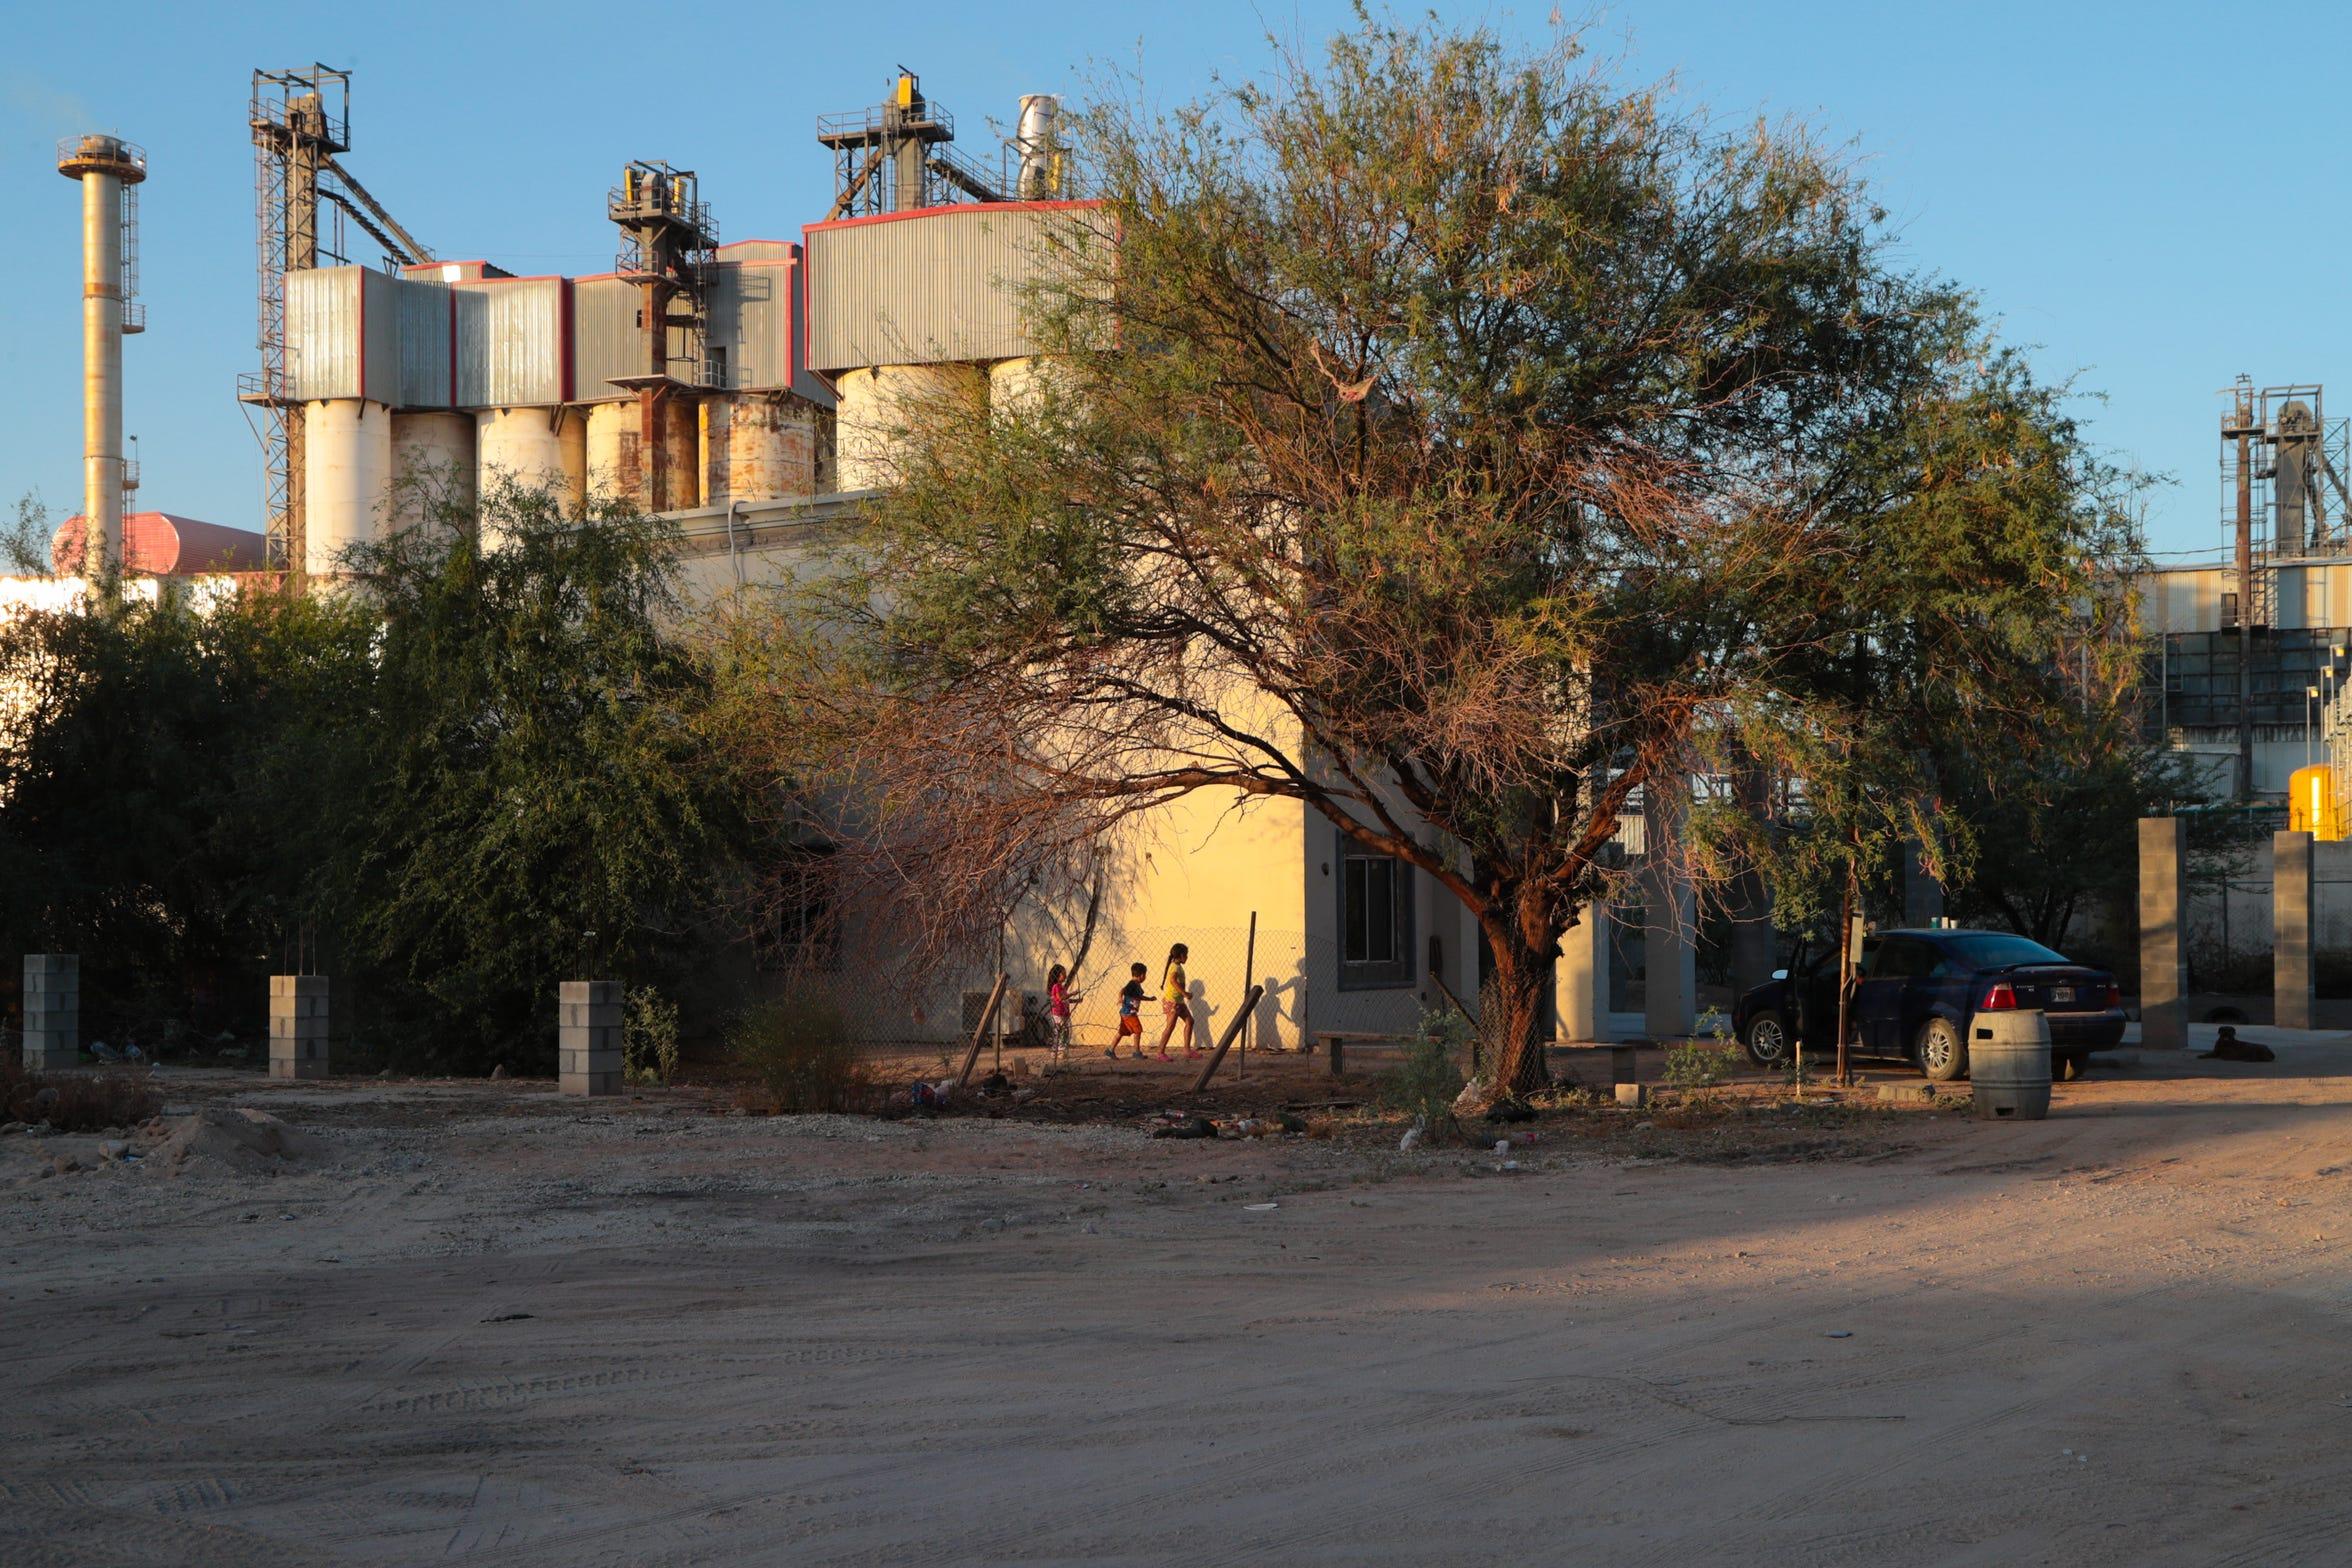 La fábrica Fevisa se ubica al lado de unas casas en el ejido El Choropo, al sur de Mexicali.